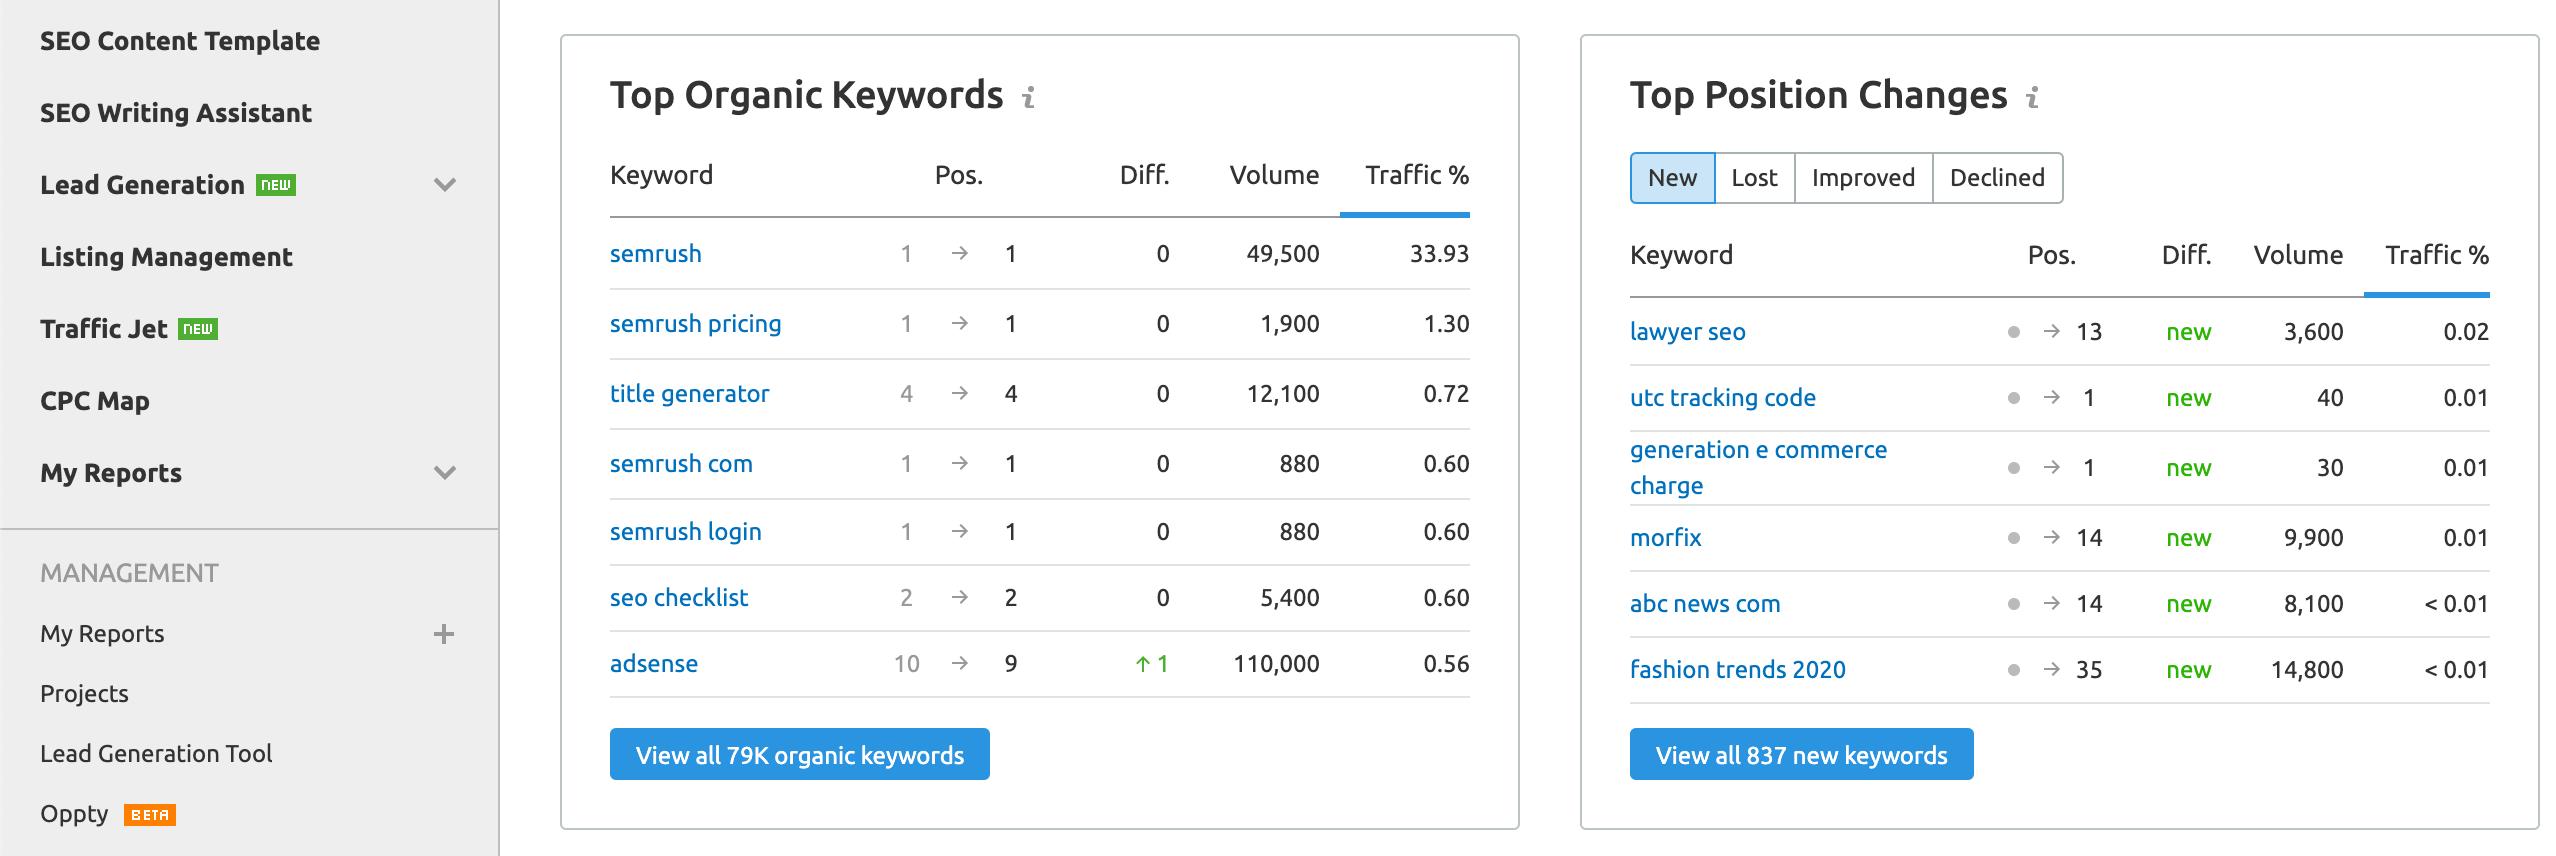 SEMrush's Top Organic Keywords Report